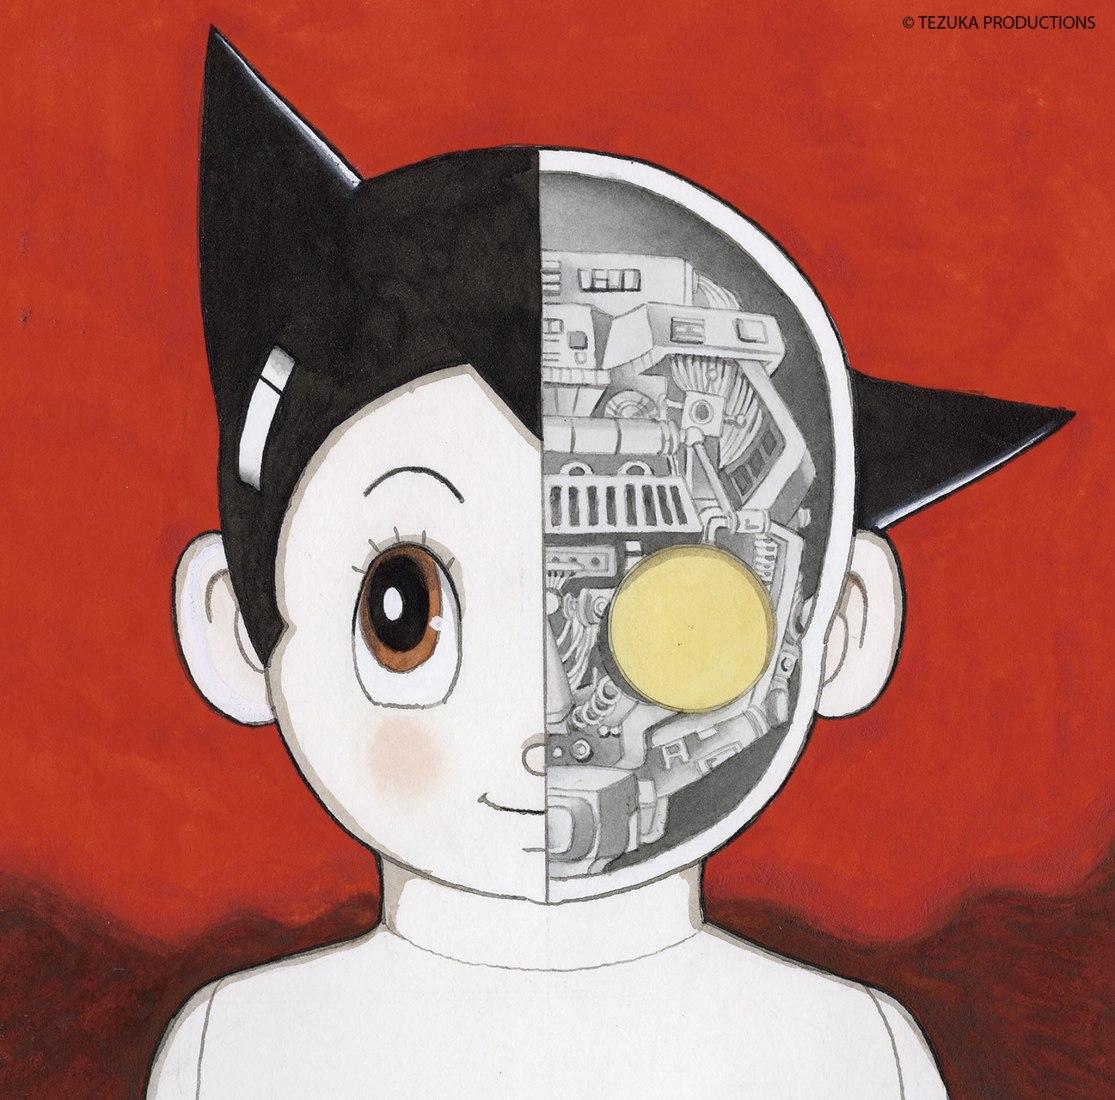 Astro Boy © Tezuka productions